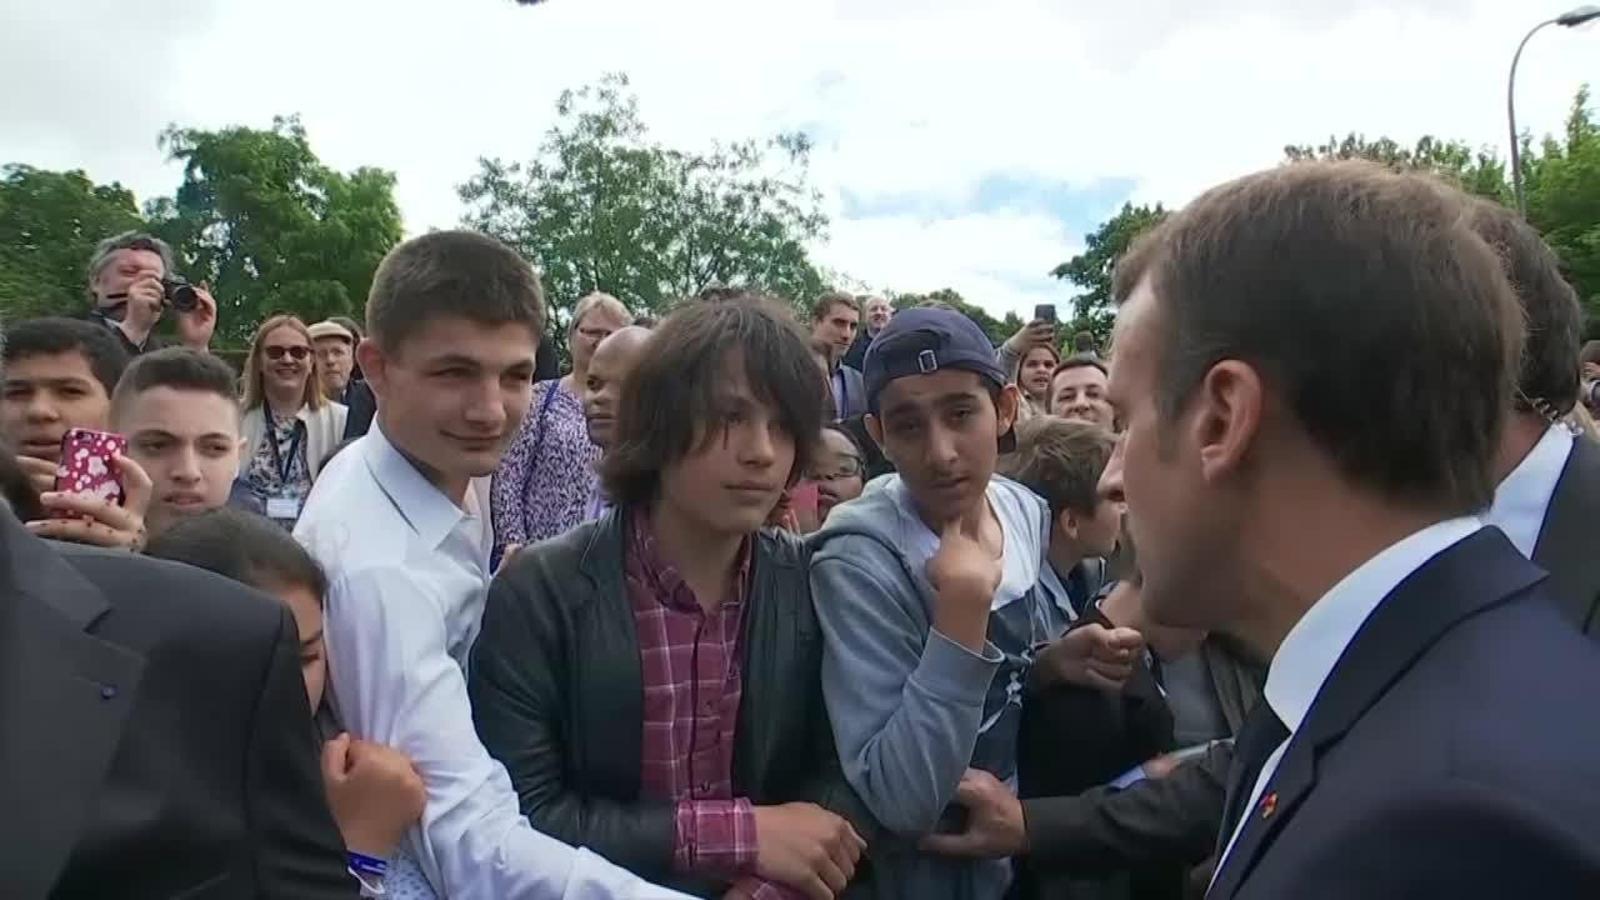 """""""Com va, Manu?"""": Macron esbronca un jove i li demana que es dirigeixi a ell com a """"senyor president de la República o senyor"""""""